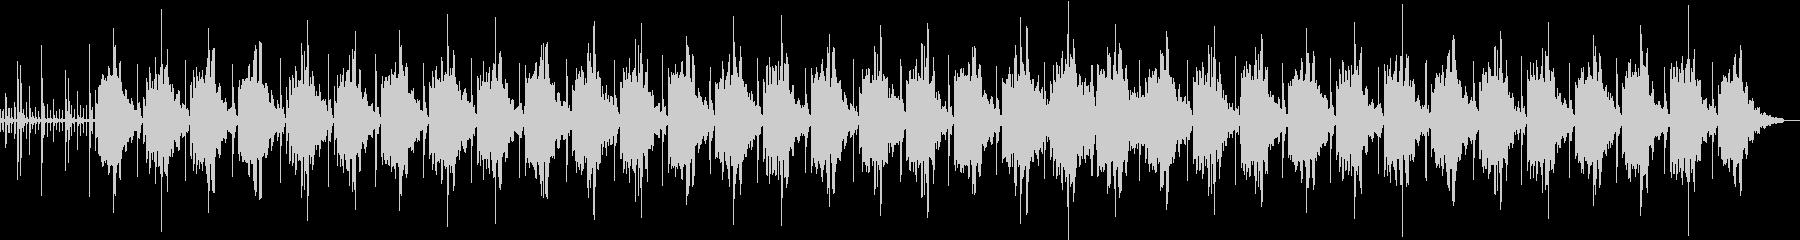 エレビ・パーカッション・グロッケンBGMの未再生の波形